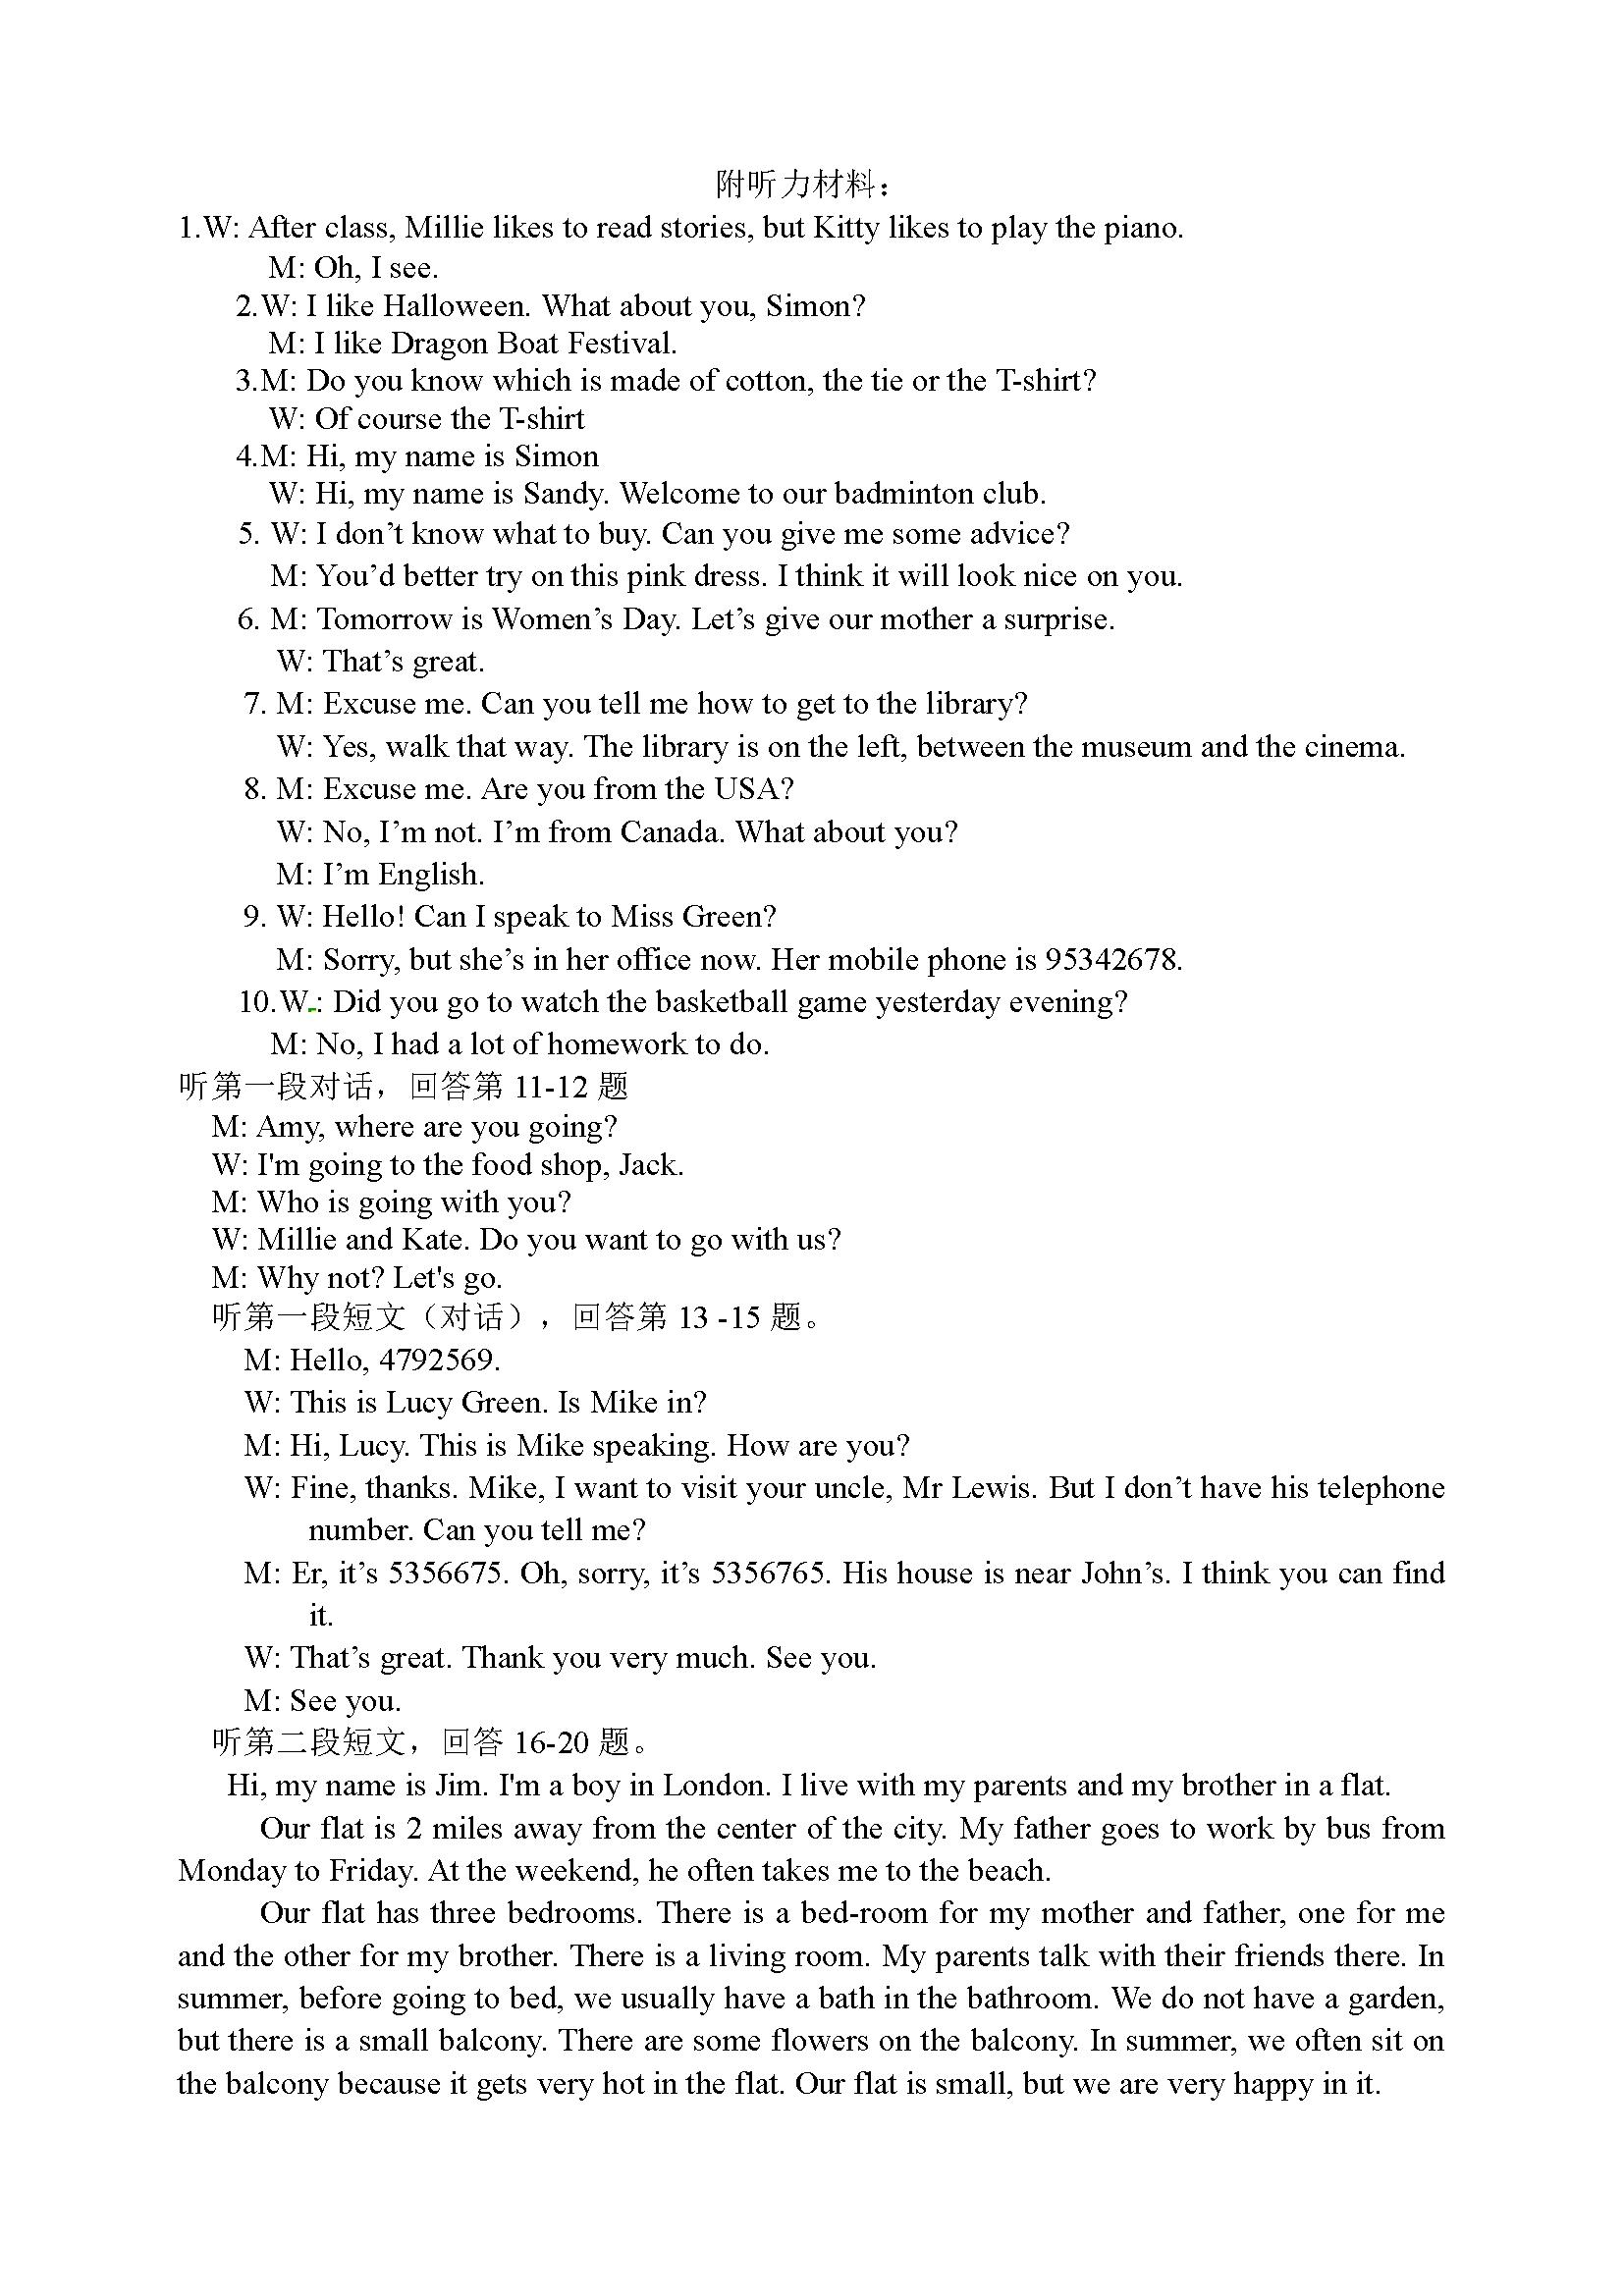 江苏泰兴分界镇初级中学2017年初一英语下第